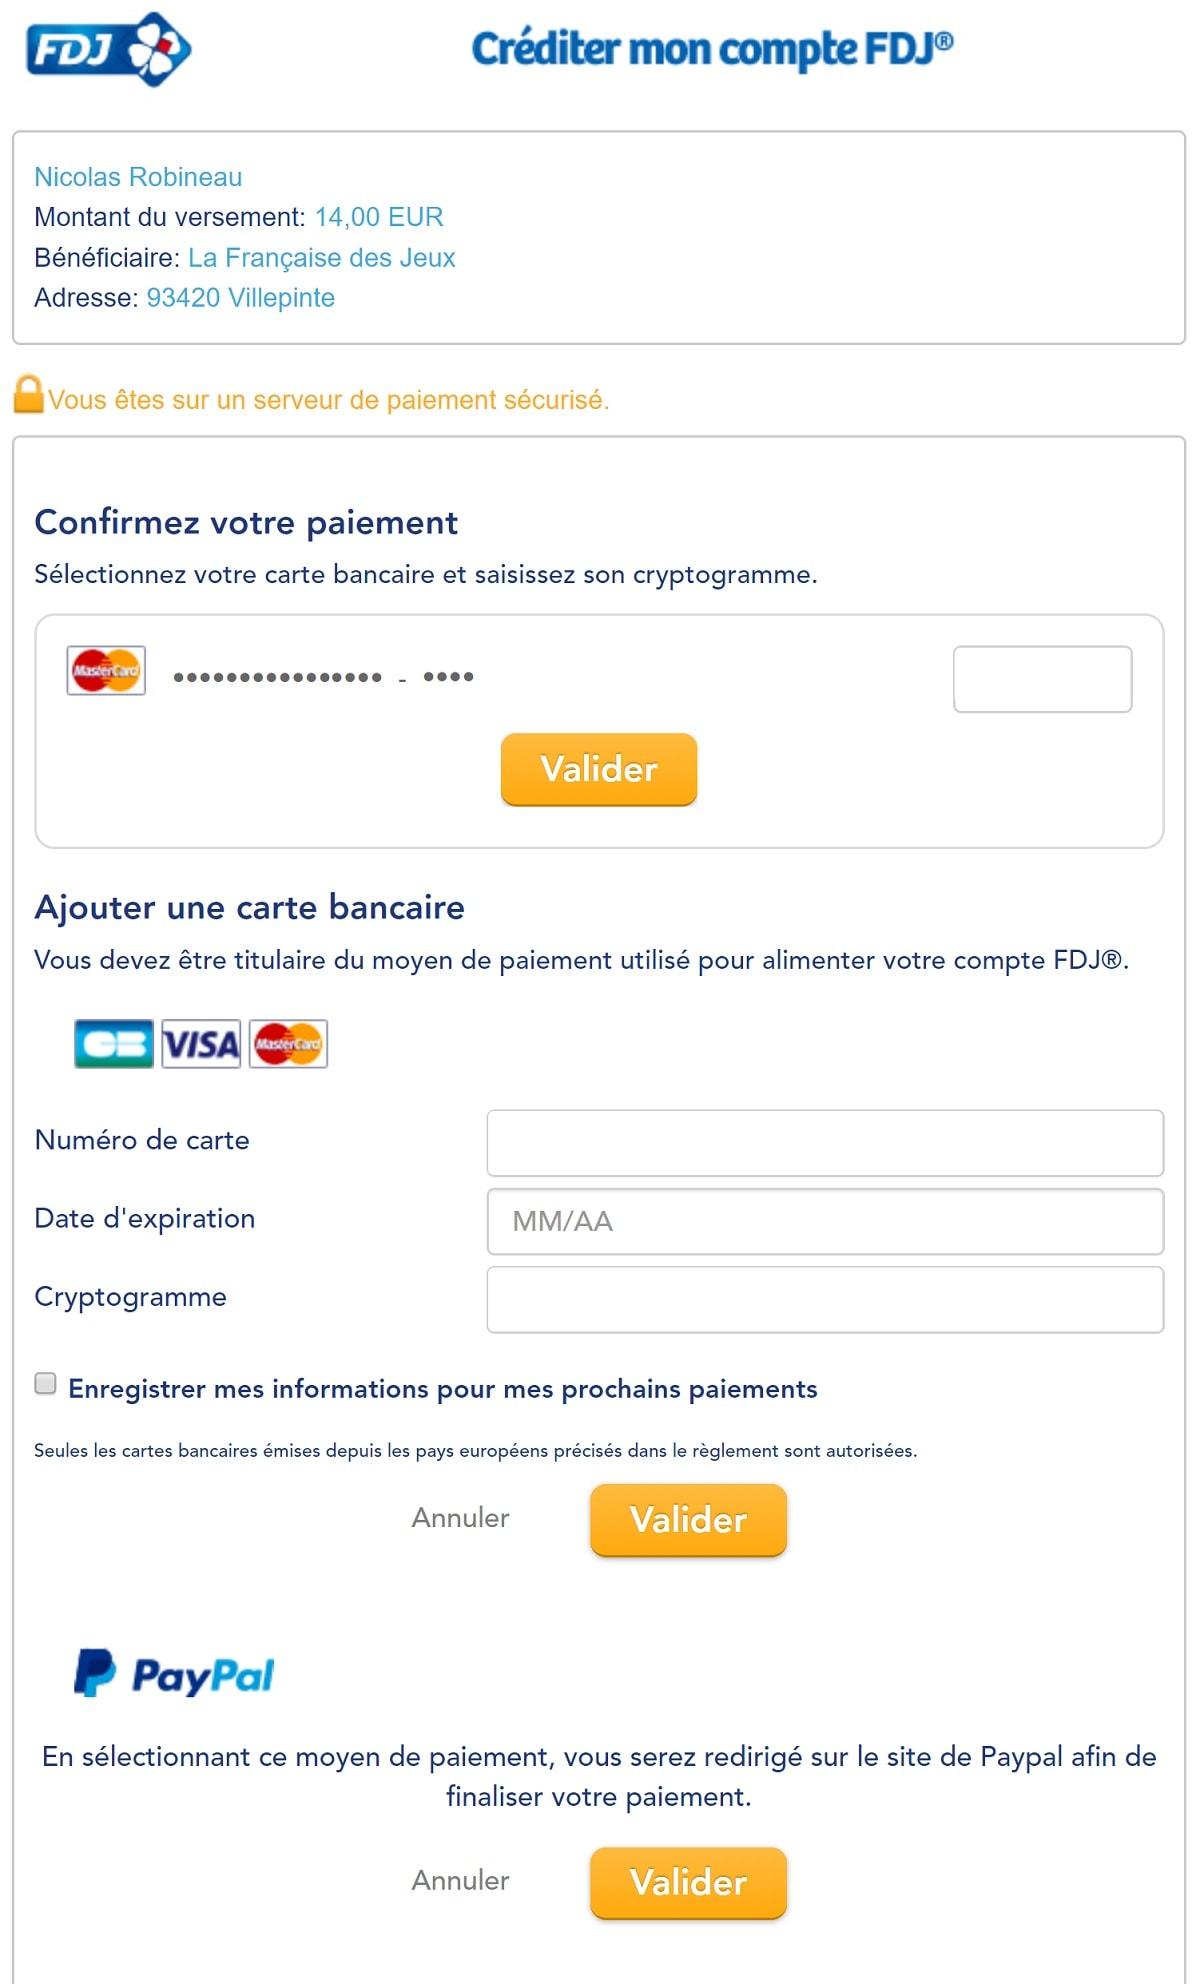 Créditer votre compte FDJ.fr par carte bancaire étape n°2<